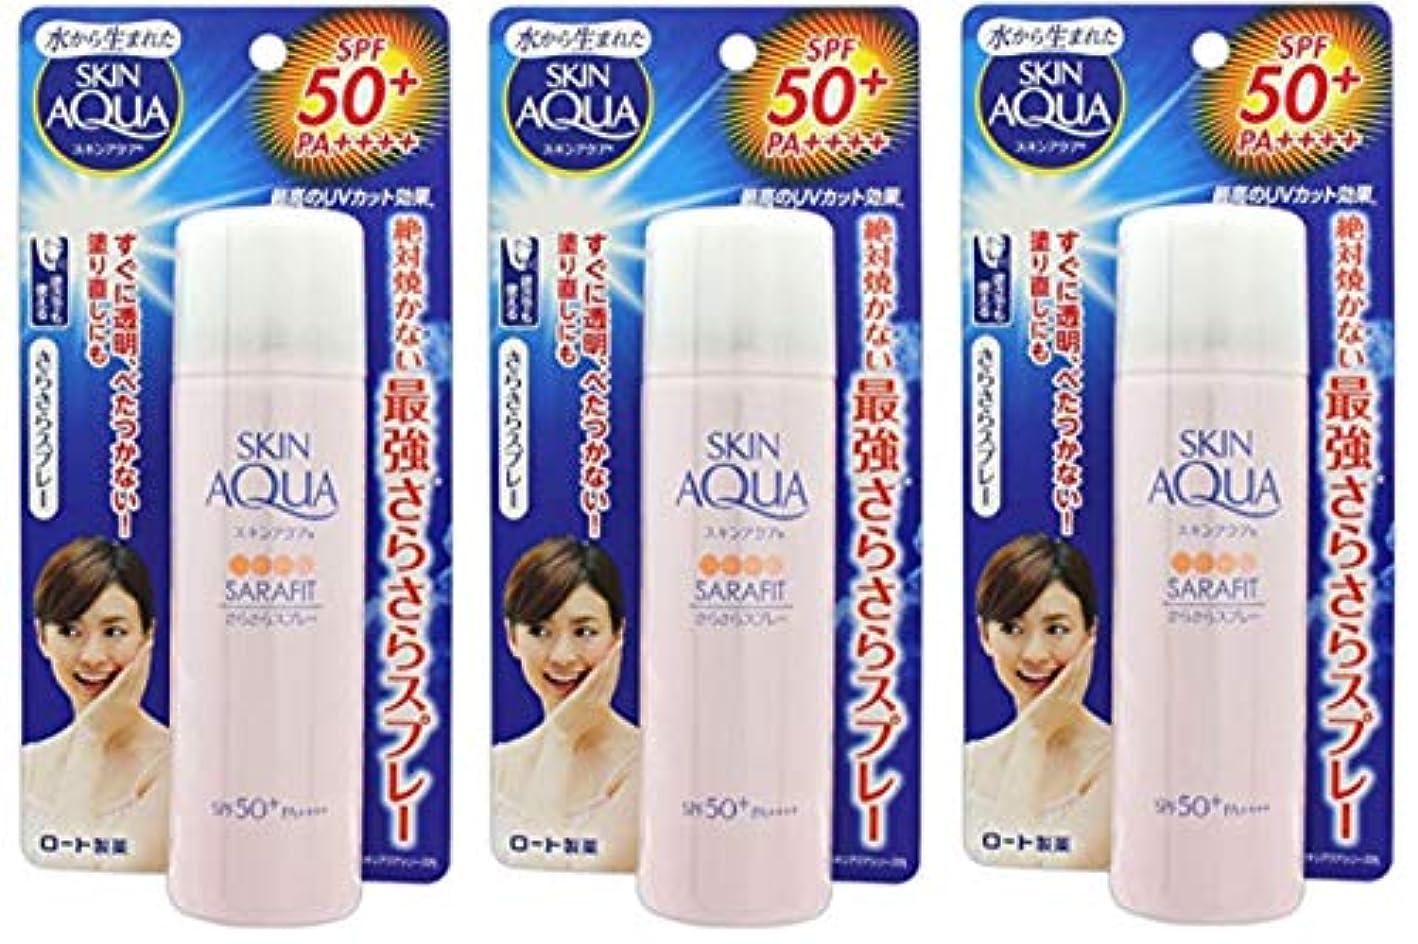 一口ジュラシックパーク志す【まとめ買い】スキンアクア サラフィットUV さらさらスプレー アクアフローラルの香り (SPF50+ PA++++) 50g×3個